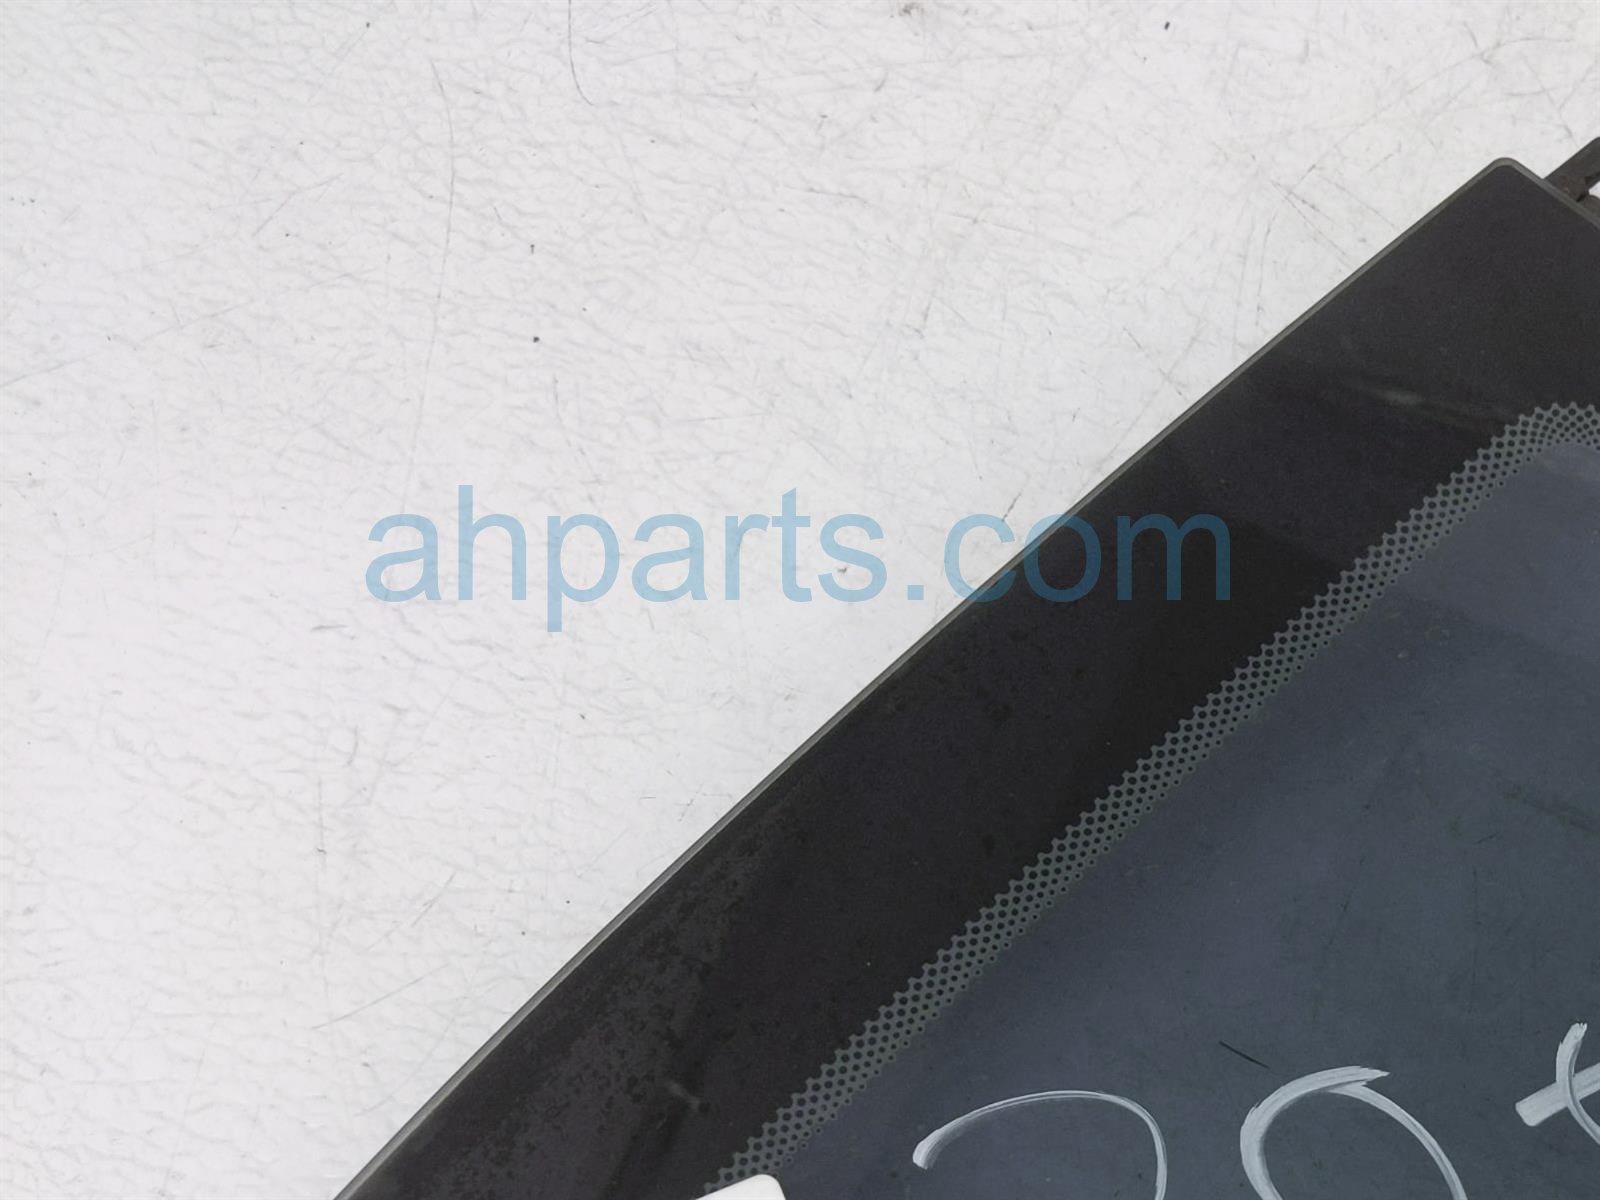 2011 Porsche Cayman Passenger Quarter Window Glass 987 543 112 03 Replacement